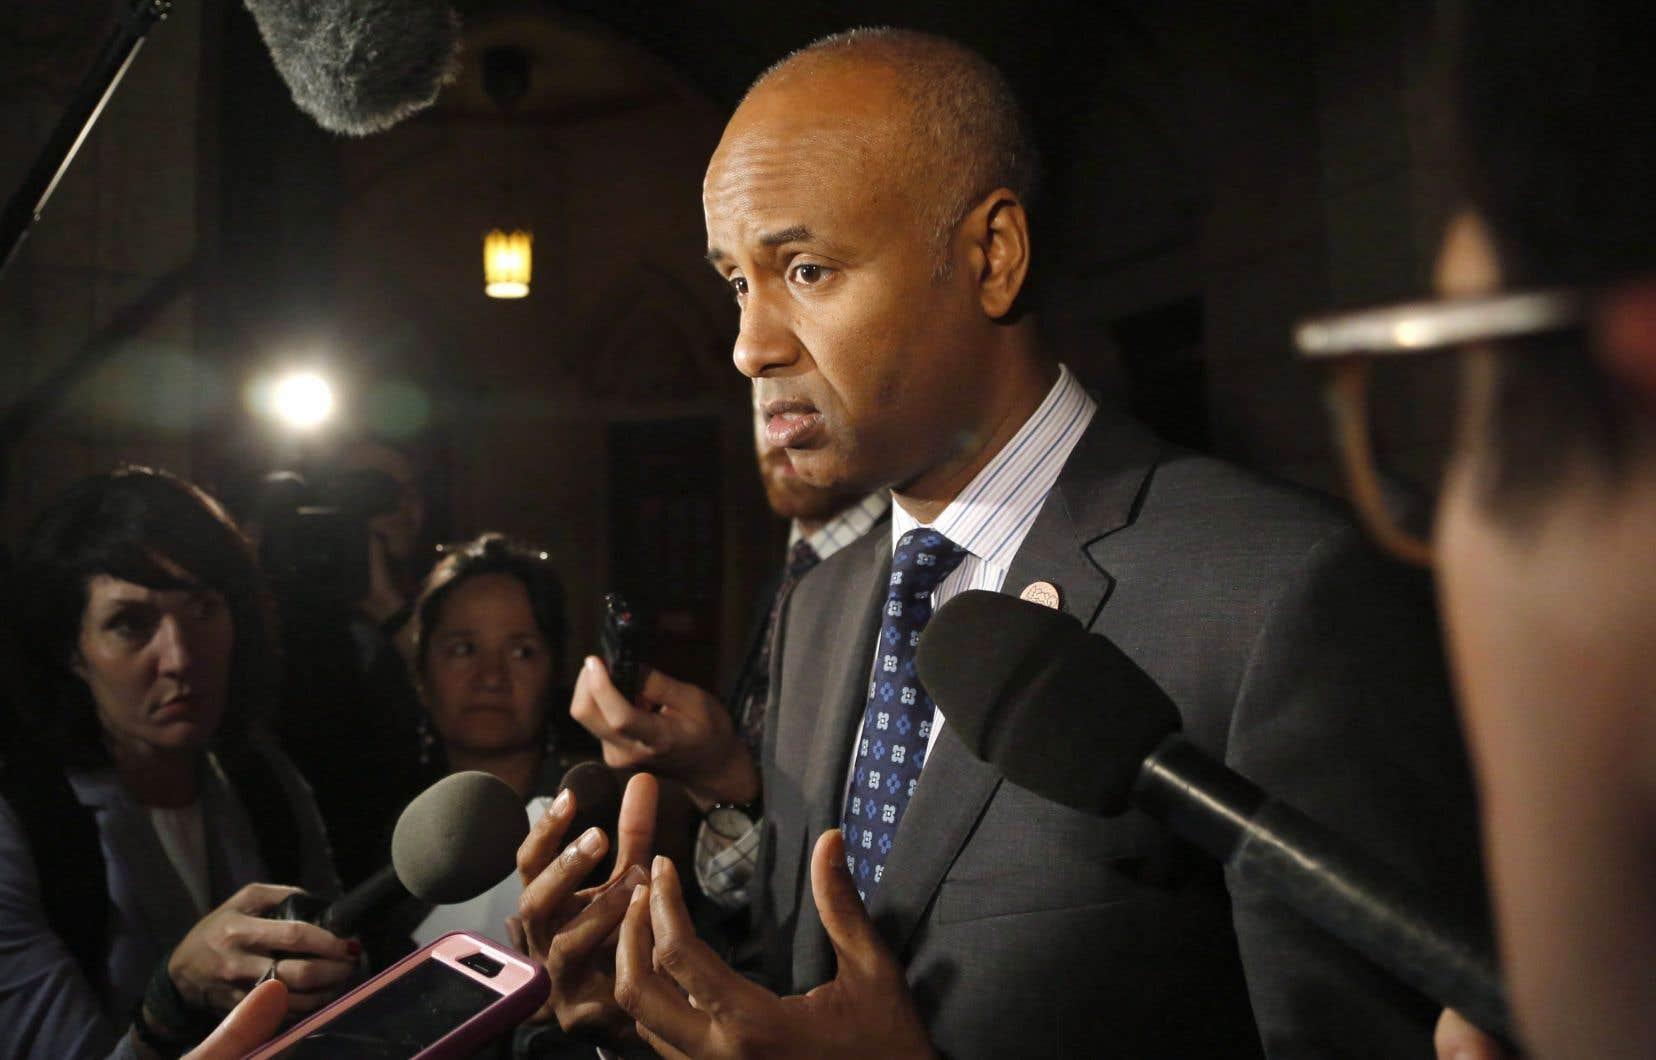 Le Québec «est obligé d'accepter un pourcentage de tous les réfugiés qui s'installent au Canada», a précisé le ministre canadien de l'Immigration, Ahmed Hussen.